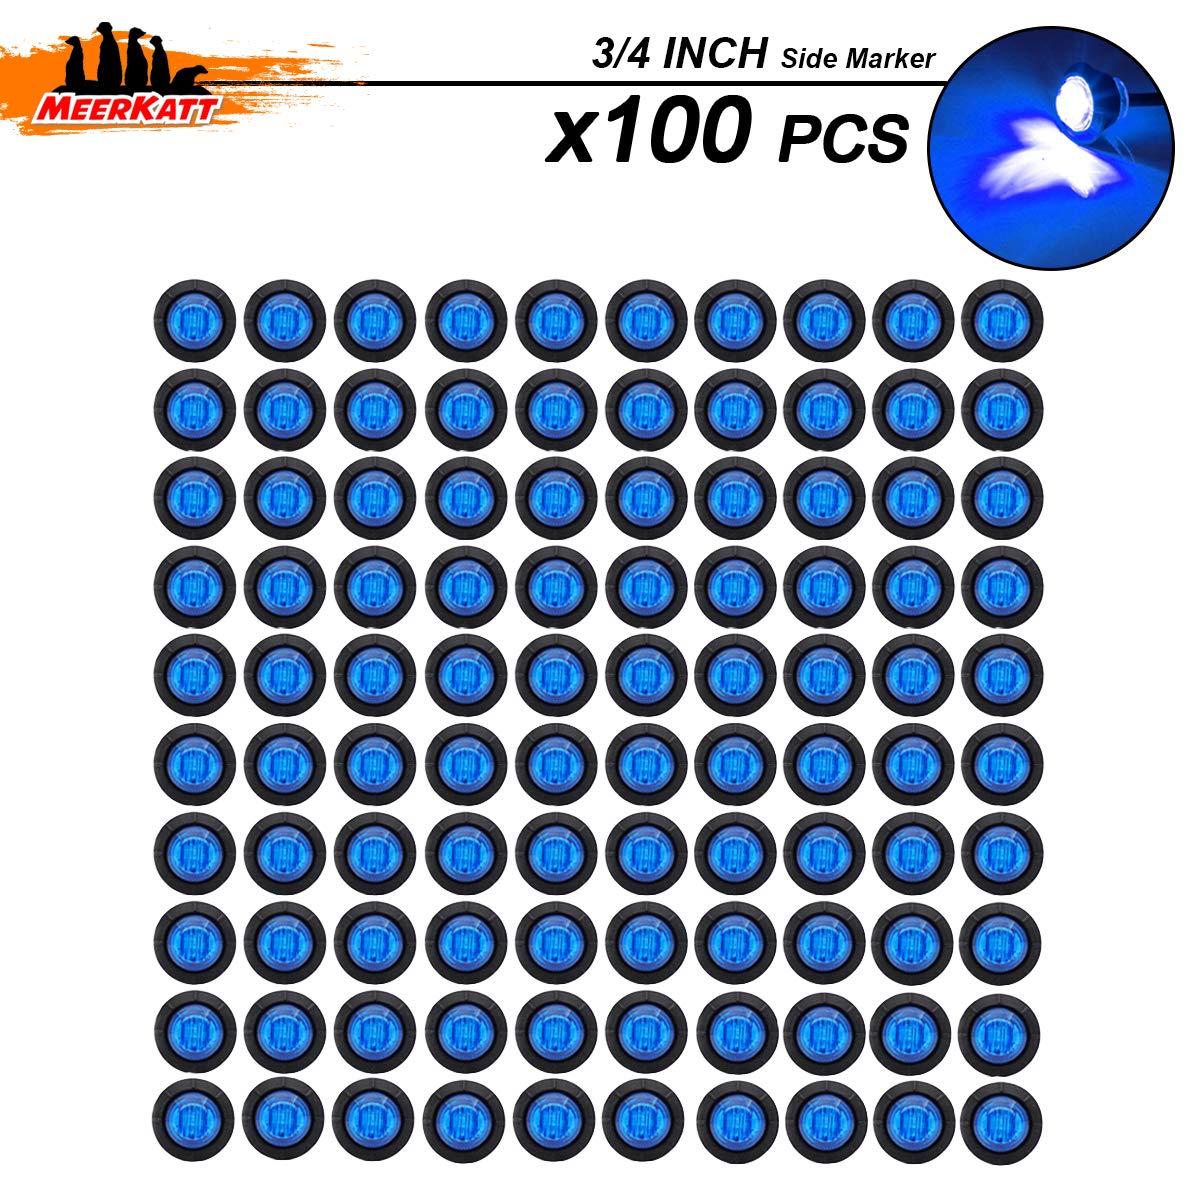 Meerkatt Pack of 100 3//4 Inch Mini Round Smoked Lens Blue LED Bullet Side Marker Indicator Light Clearance Lamp Waterproof Truck ATV Car Trailer Marine Bus RV black rubber grommets 12V DC Universal